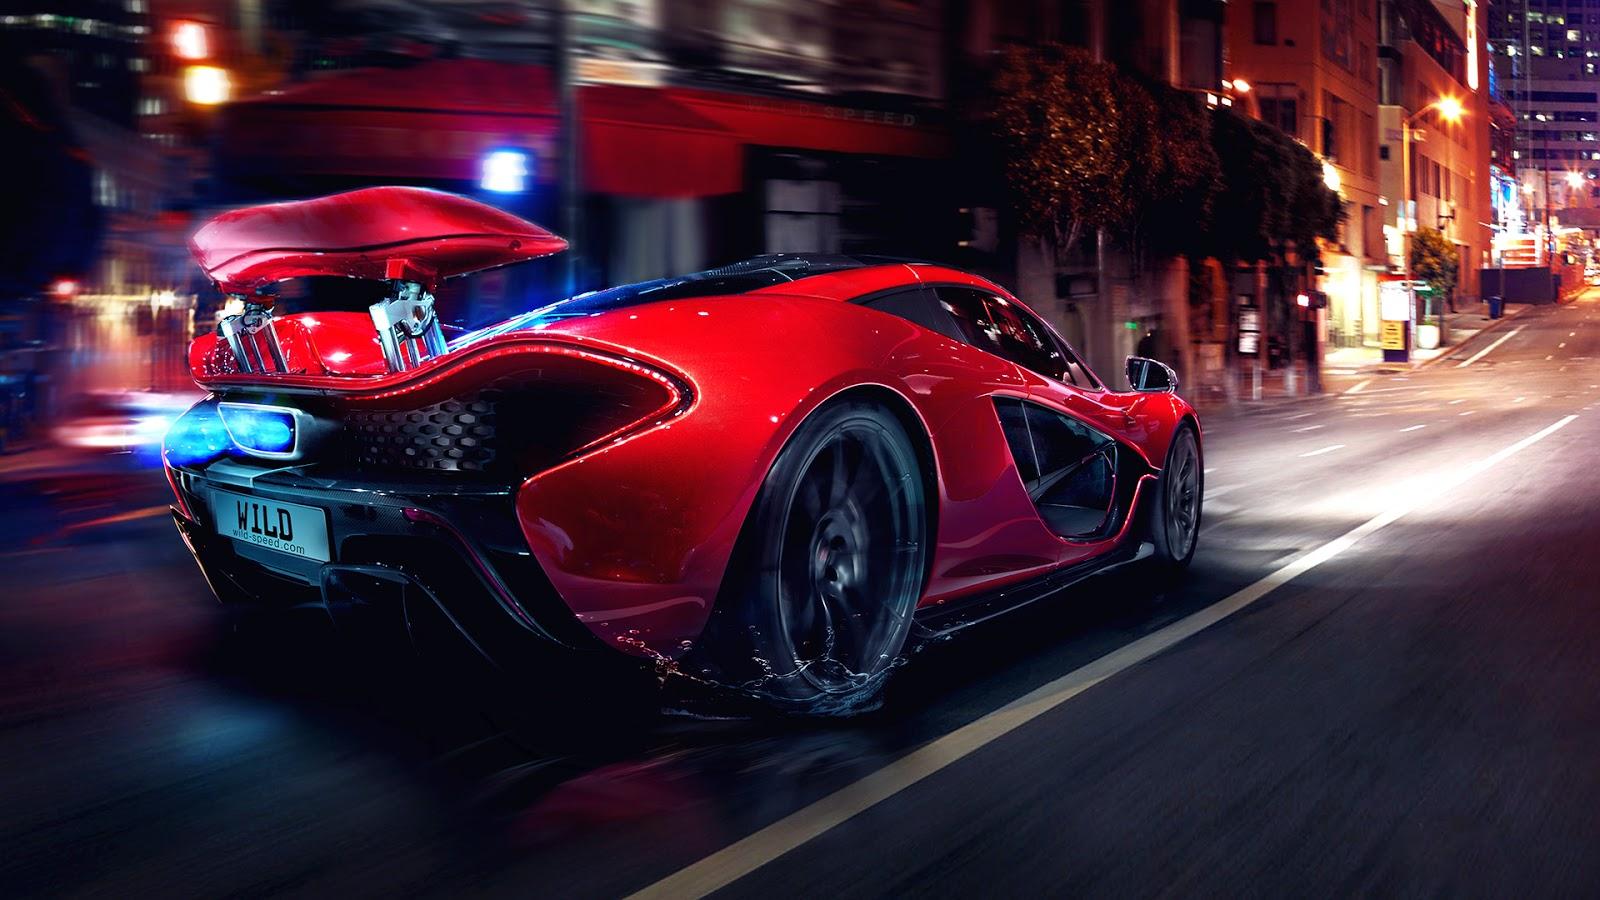 Auto Rojo ~ ☺ - Descarga Wallpapers En Full HD 4K